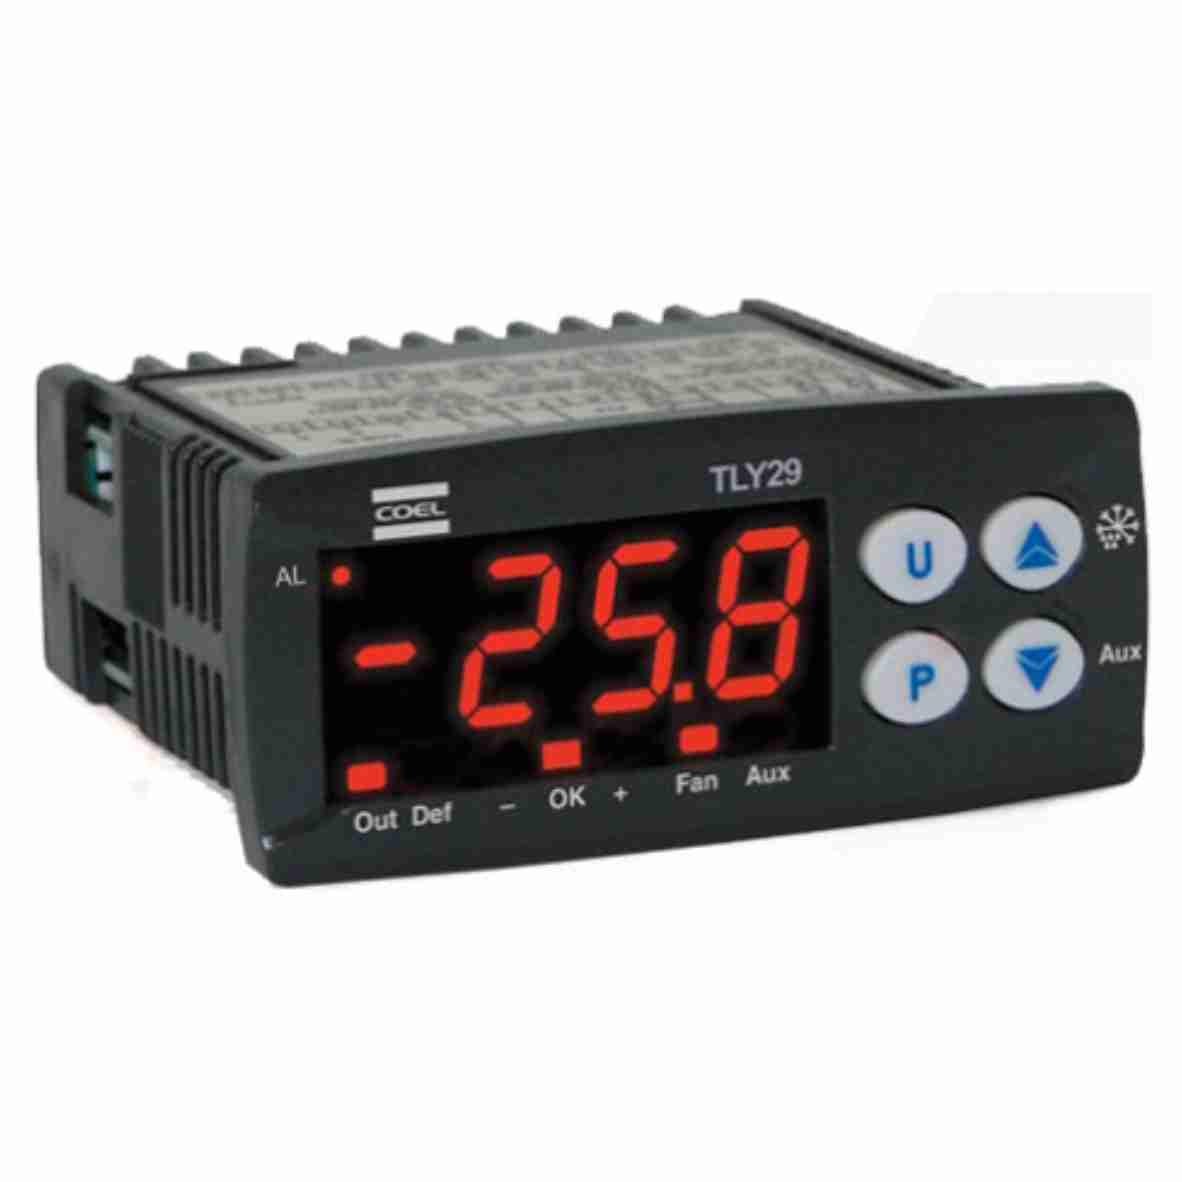 Controlador Coel Congelado  Y39HRRR 110/220V